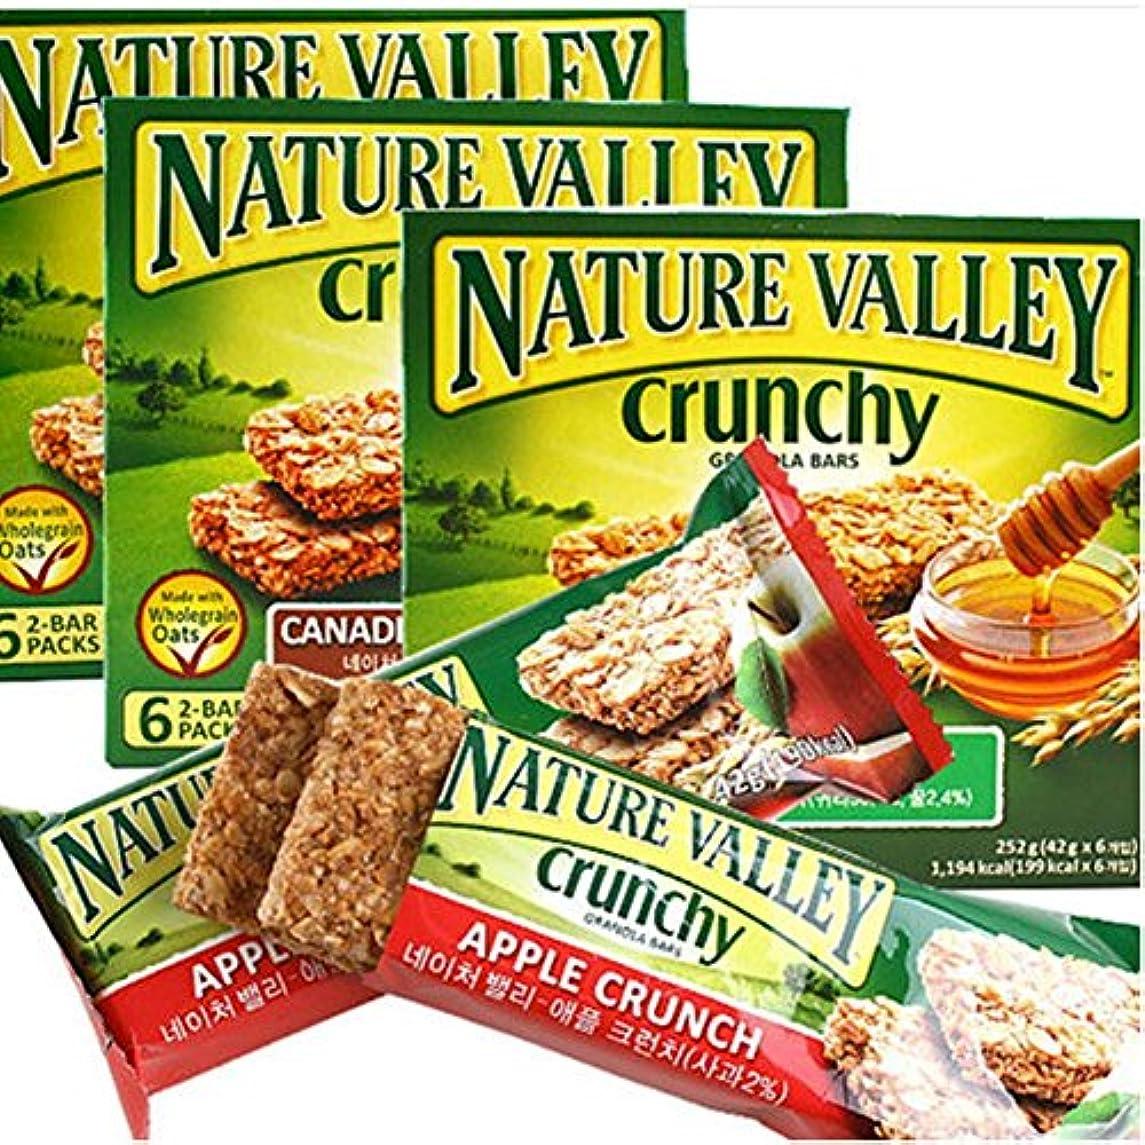 デザイナー塩勇気のある[ネイチャーバレー/Nature Valley] APPLE CRUNCH SYRUP/ネイチャーバレークランチグラノーラバー42g5パックx3 Box - アップルクランチシロップ(合計15袋)穀物バー/シリアル/栄養...